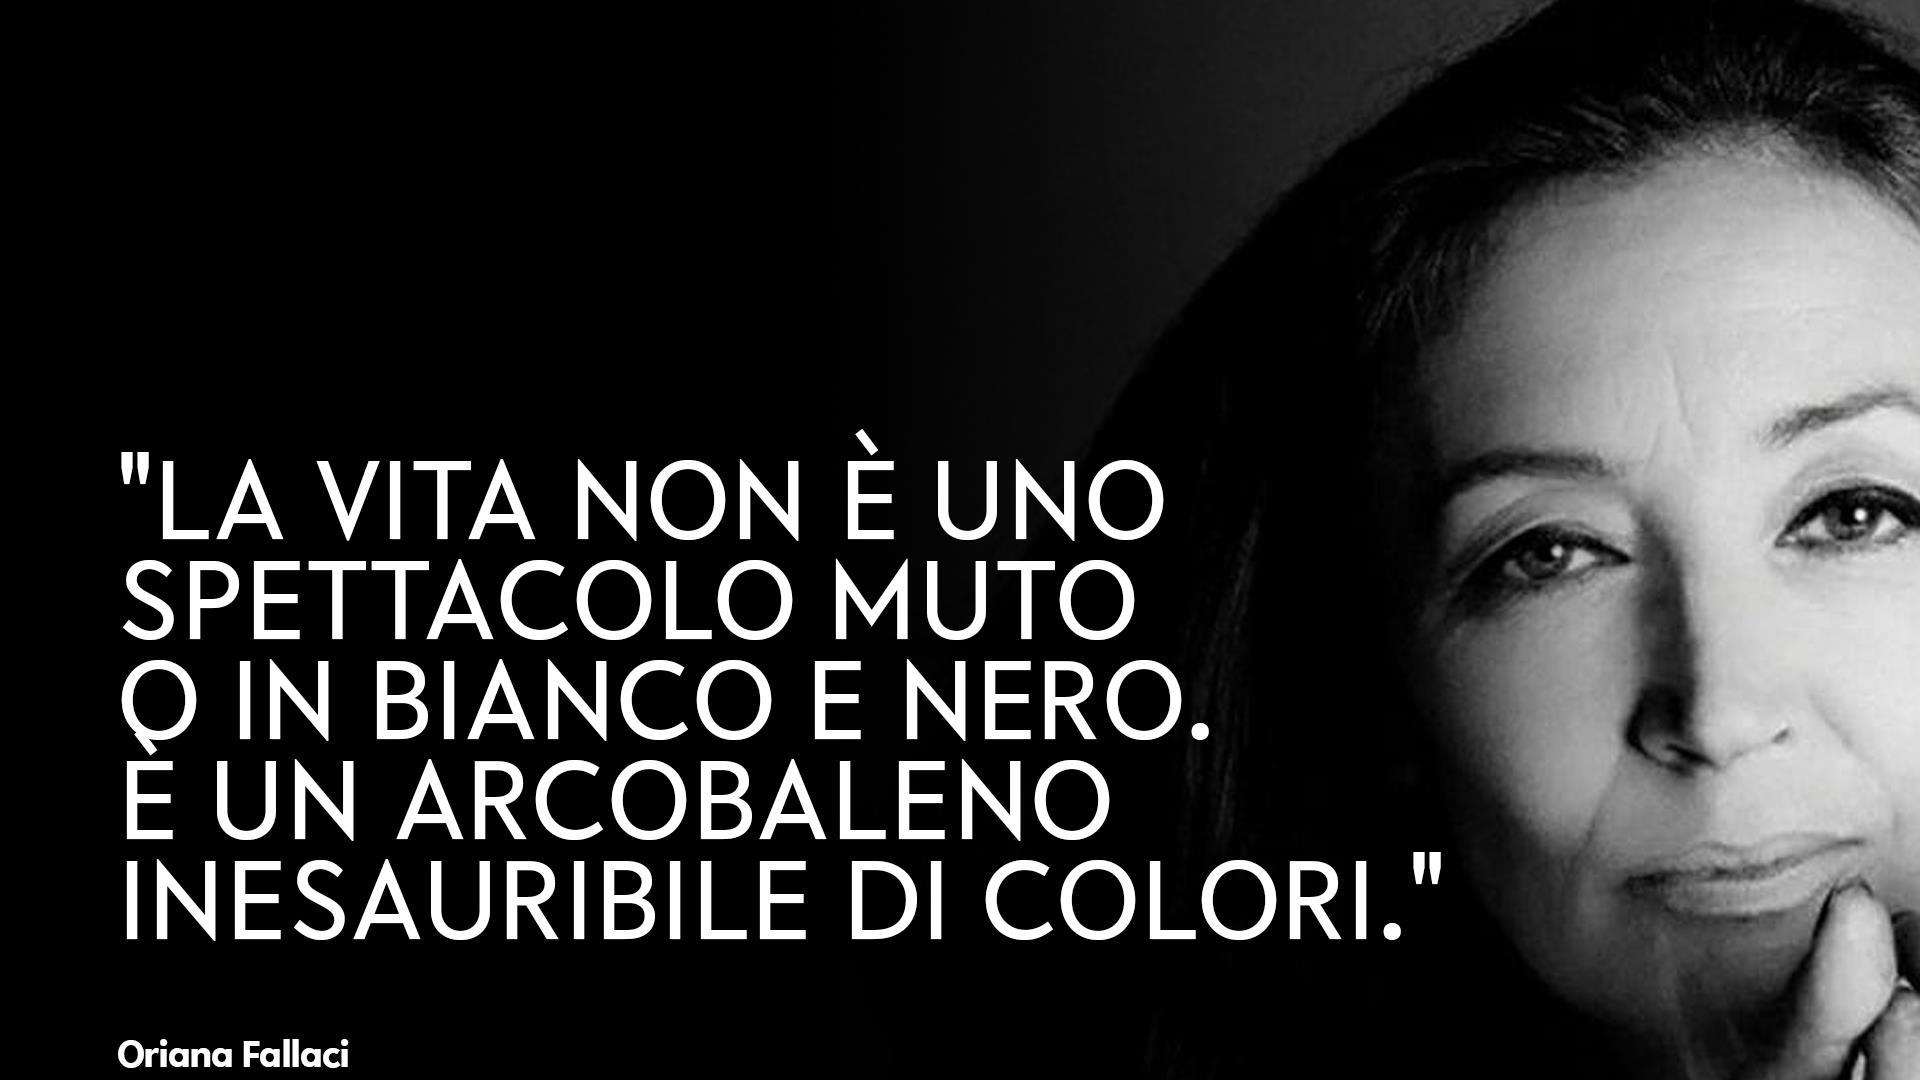 Le frasi di Oriana Fallaci più belle e significative da ricordare